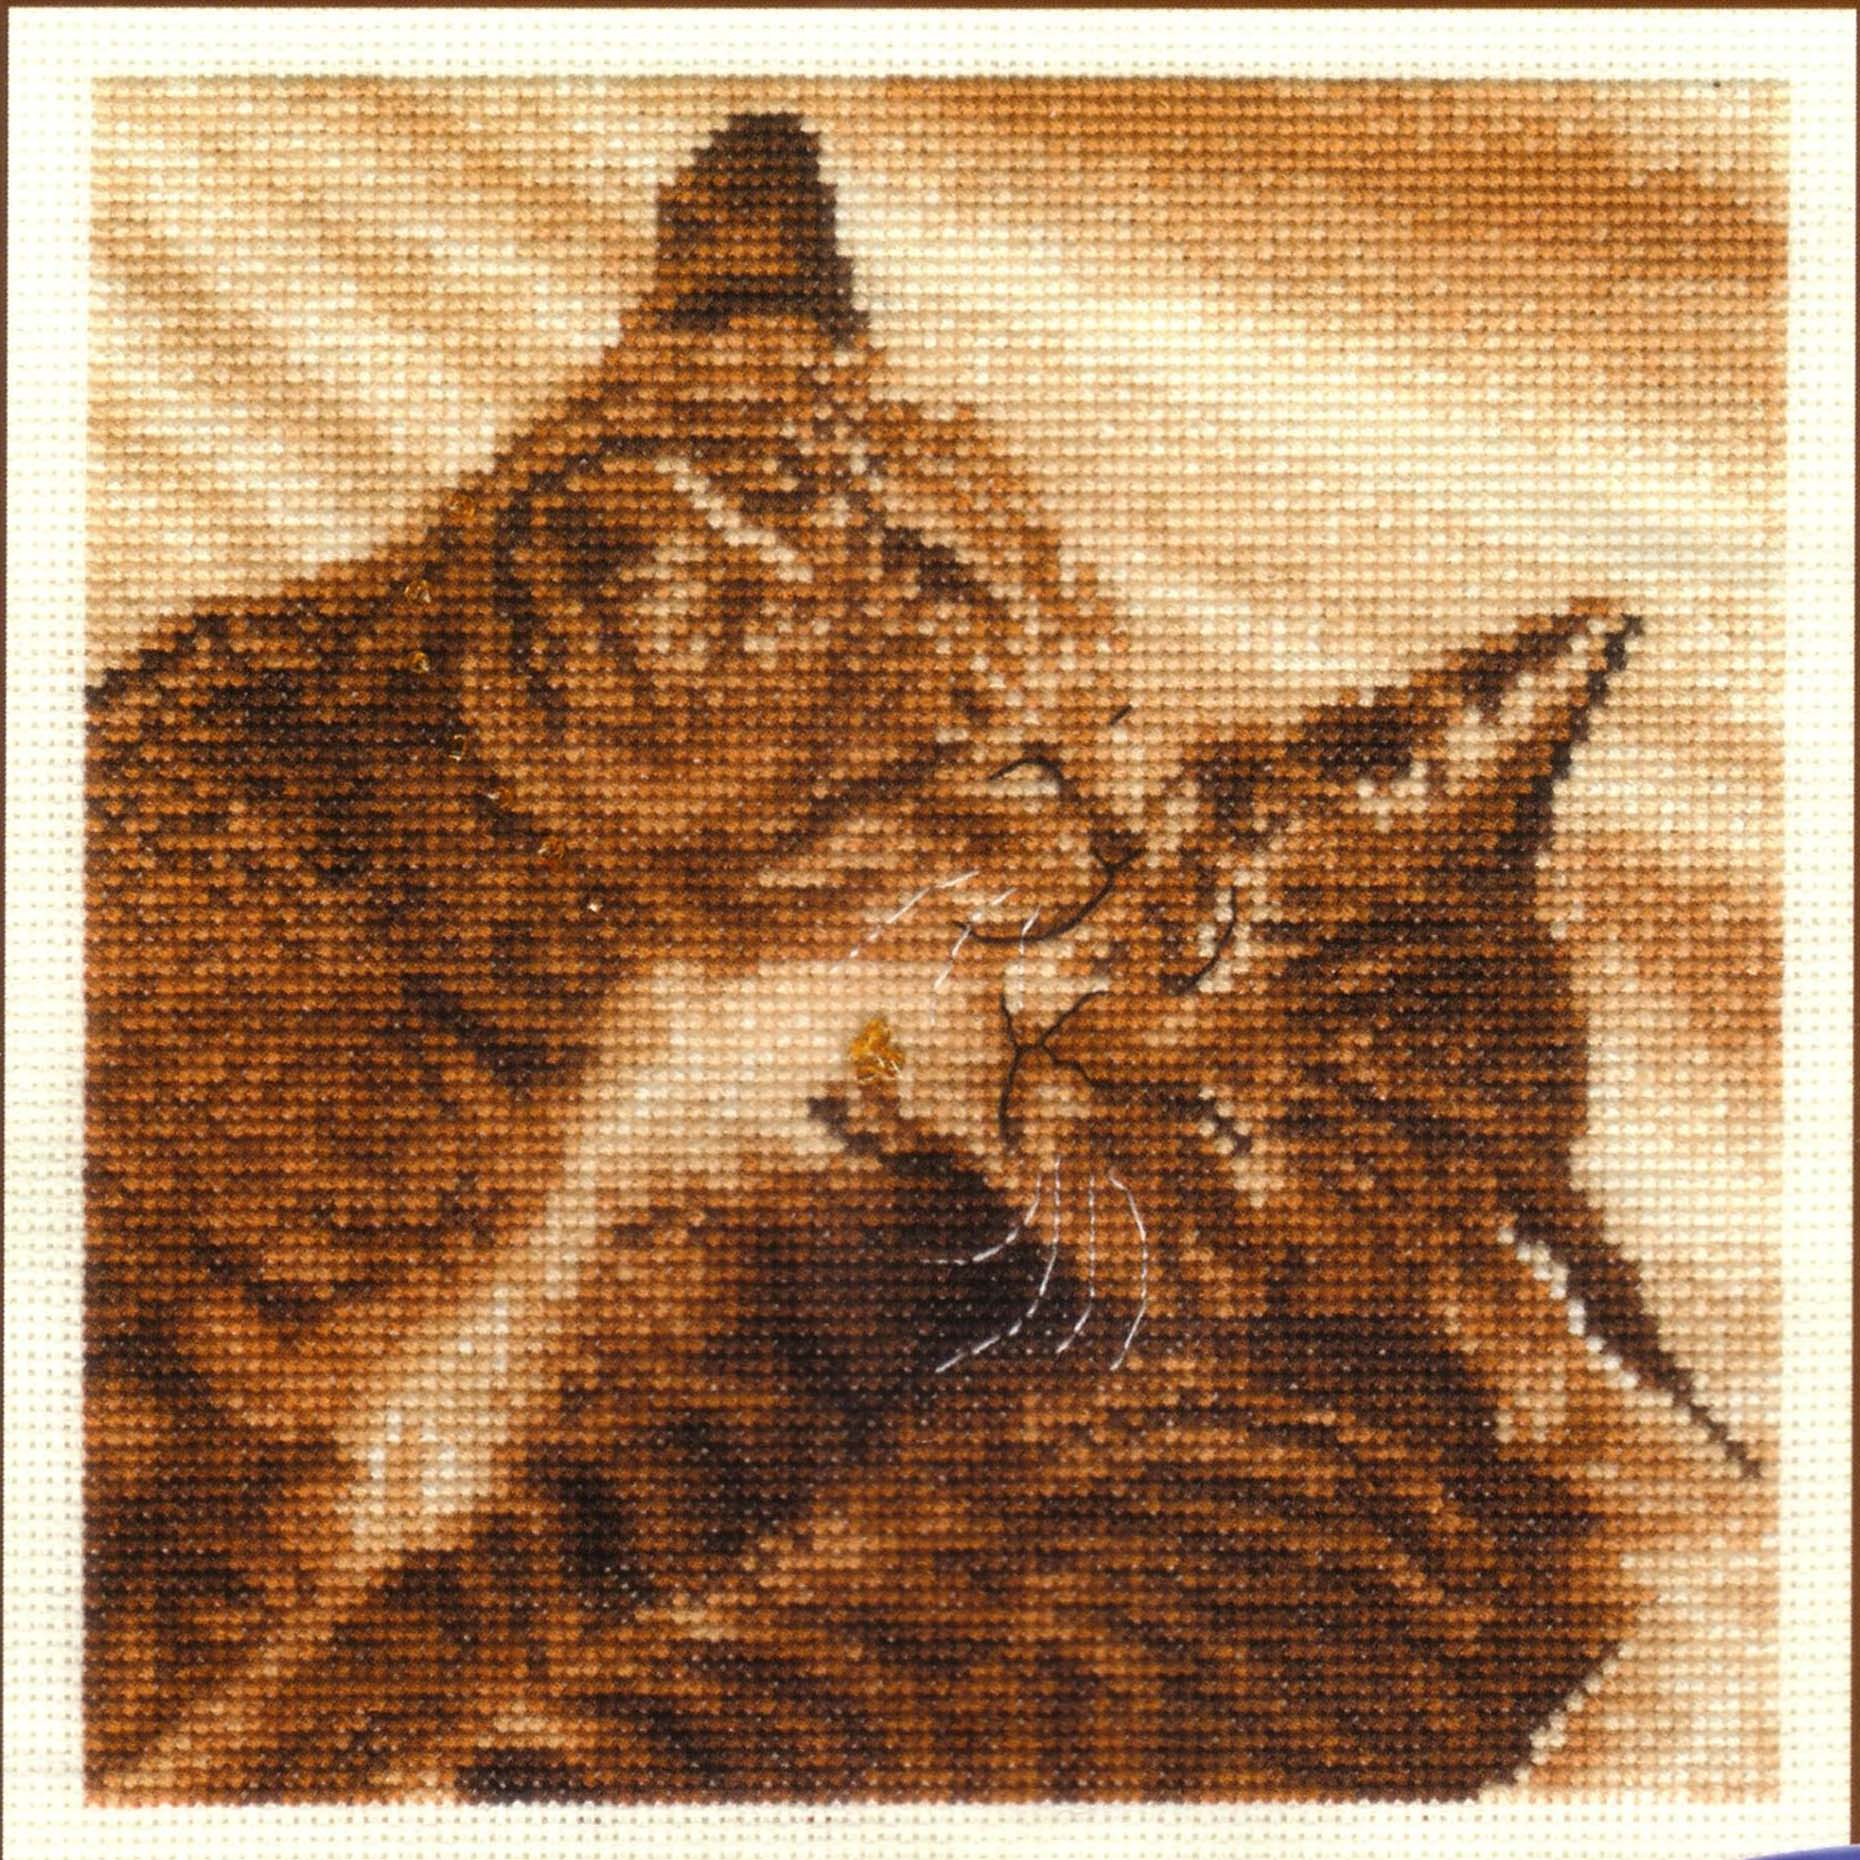 Como bordar gatos en punto de cruz